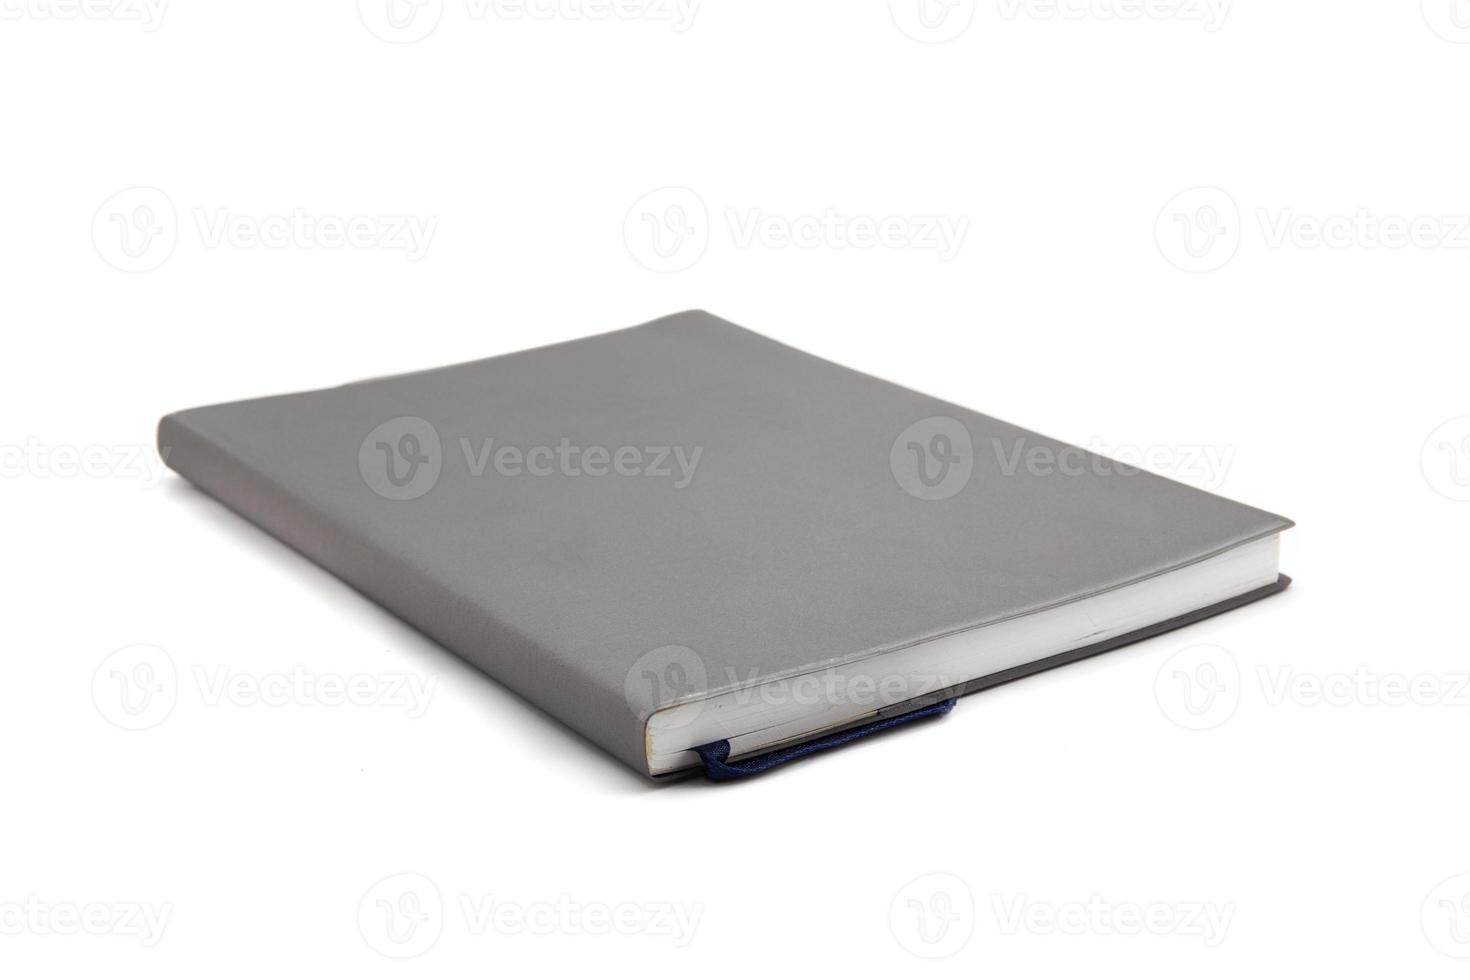 libro bianco su sfondo bianco. foto